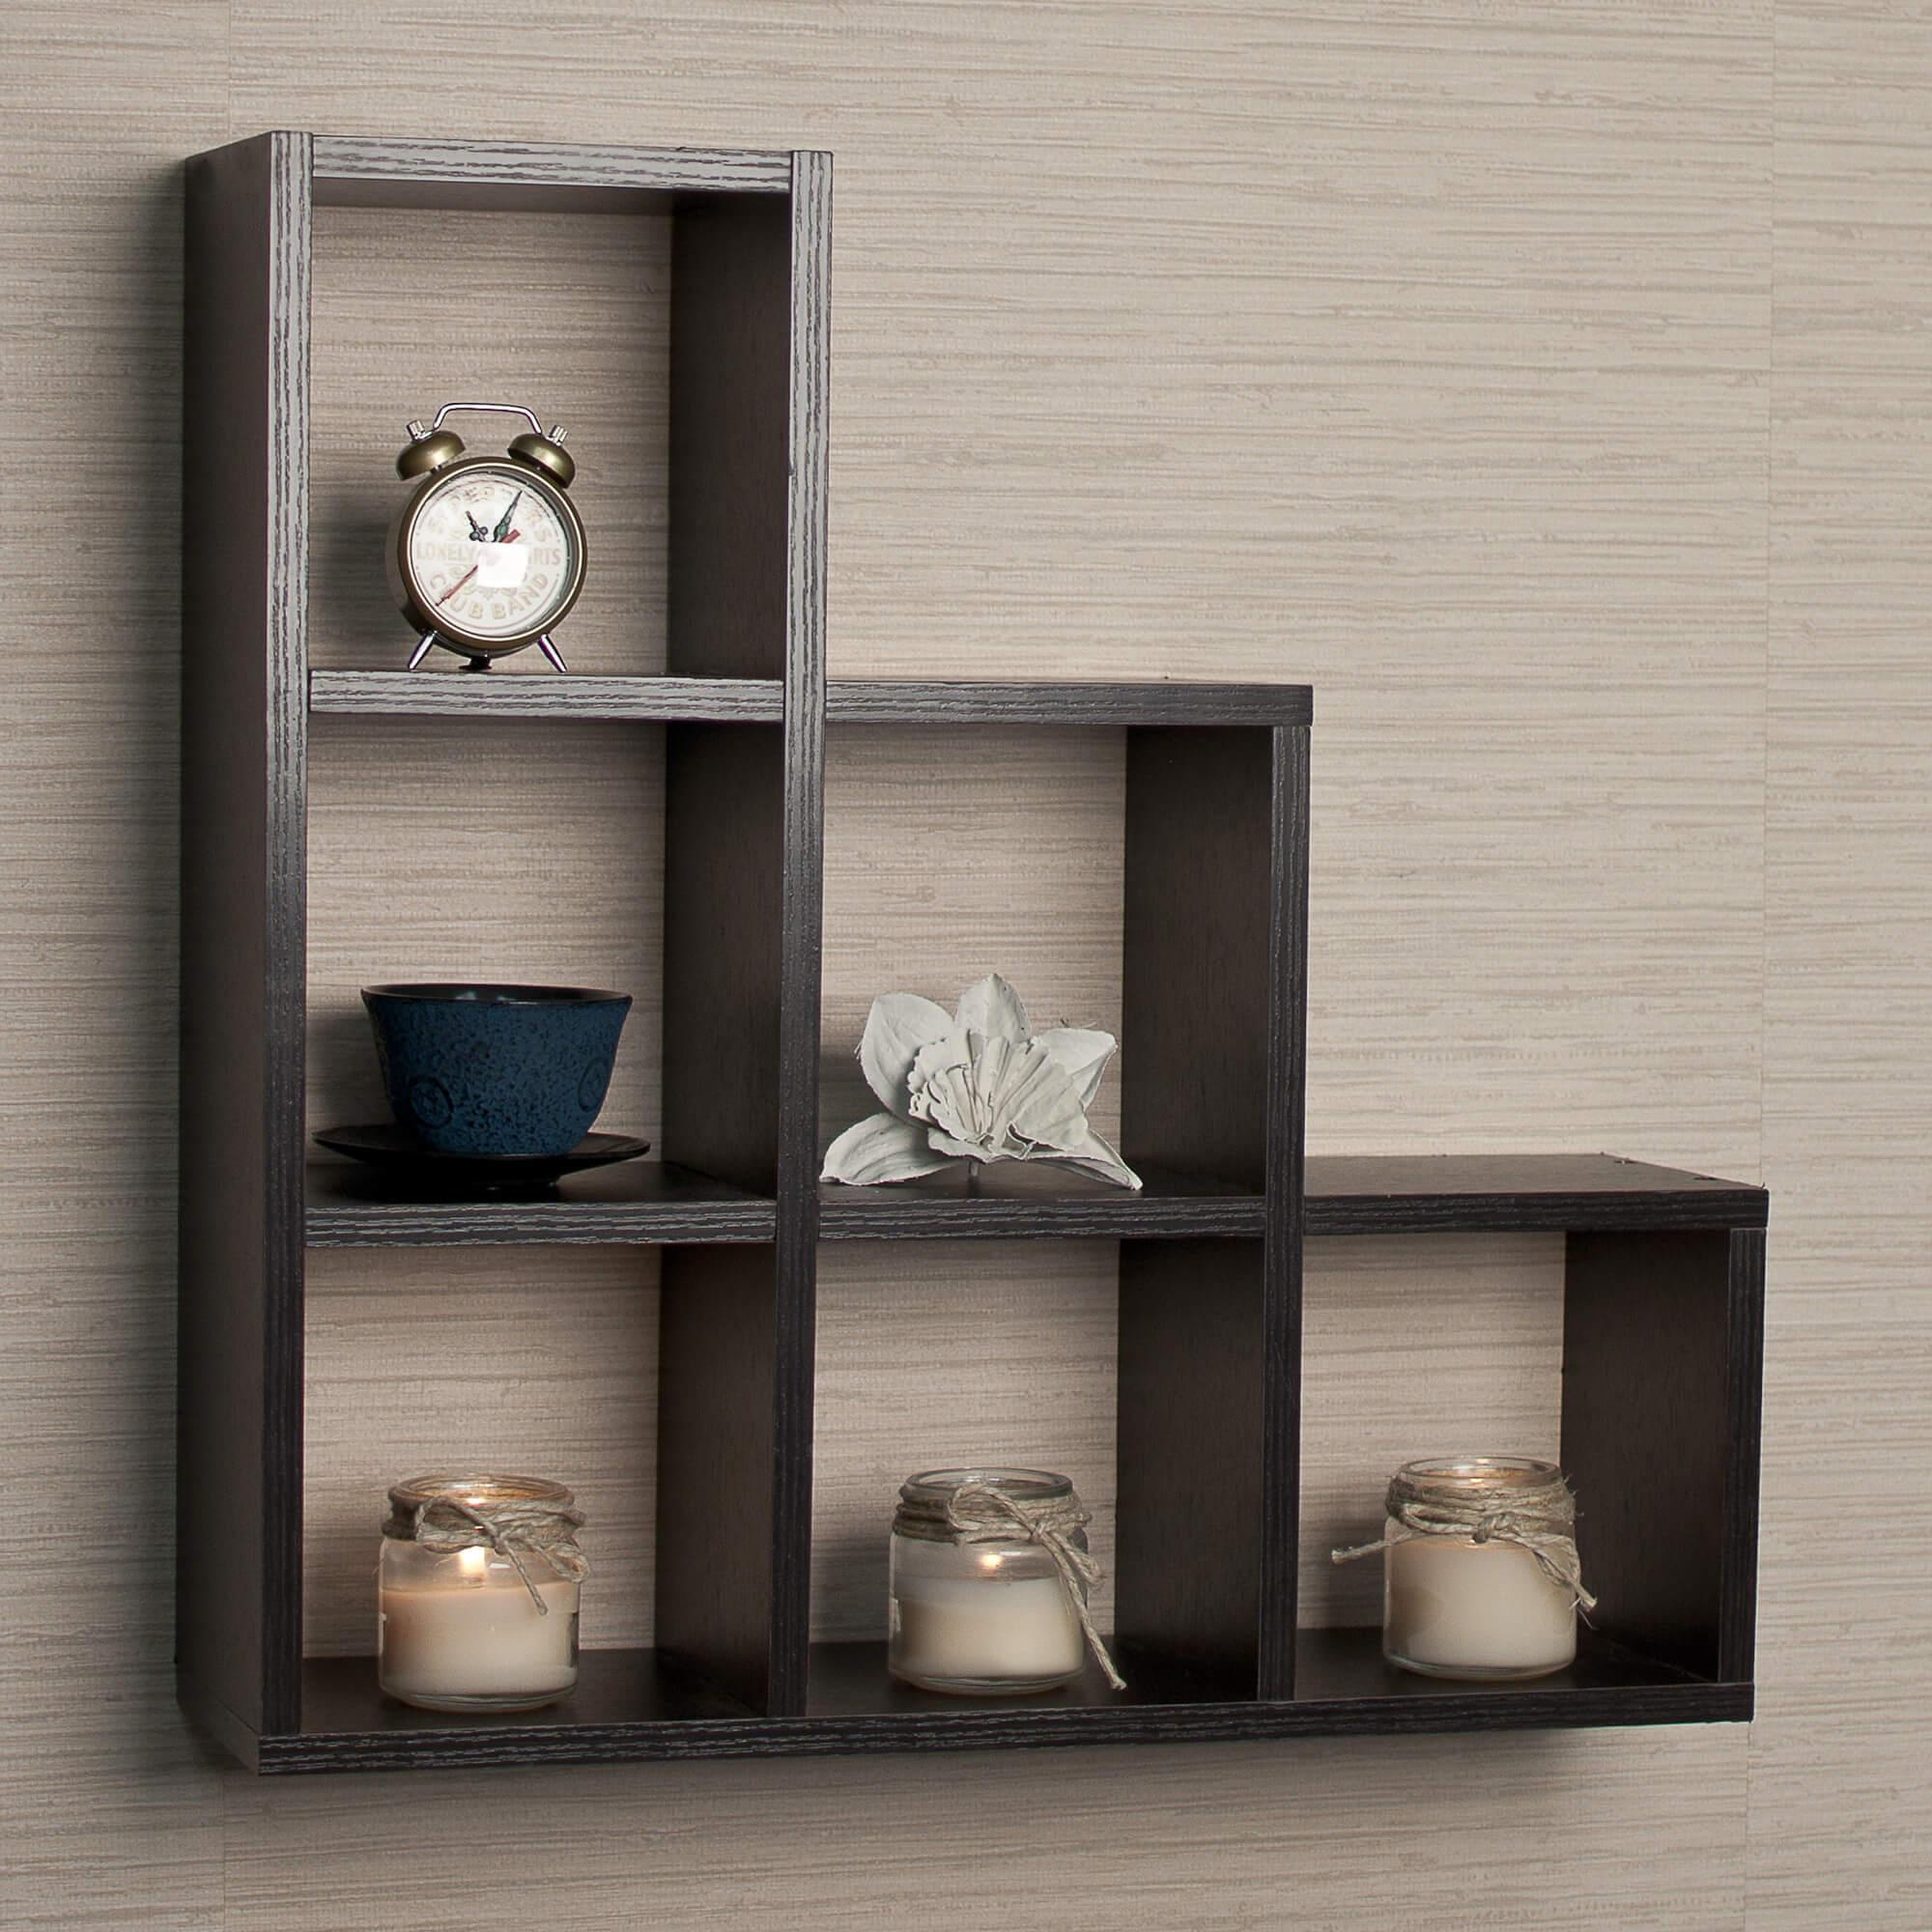 3way wall mounted cube shelf